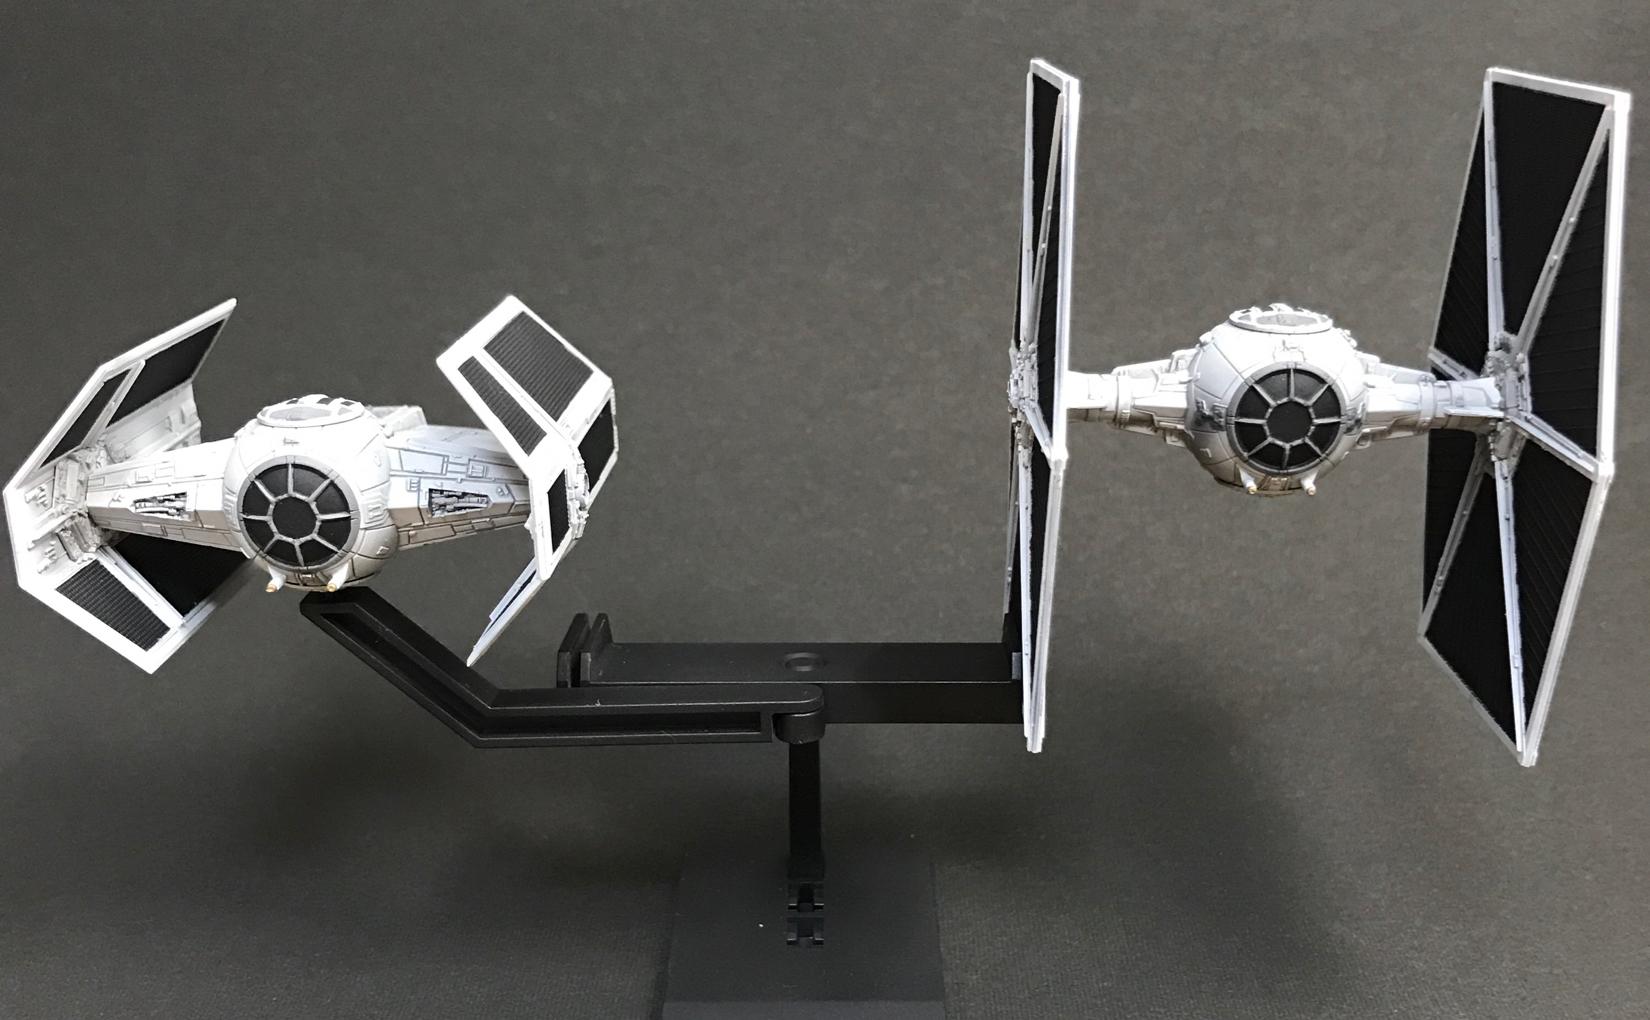 バンダイ ビークルモデル 007 タイ・アドバンストx1 & ファイター セット